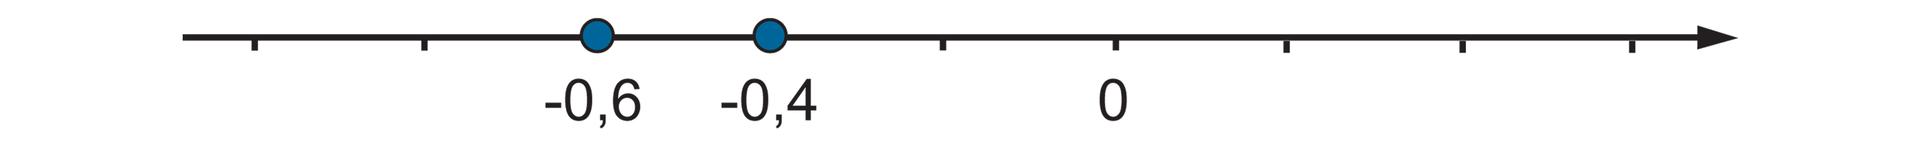 """""""Rysunek osi liczbowej zzaznaczonymi punktami -0,6"""